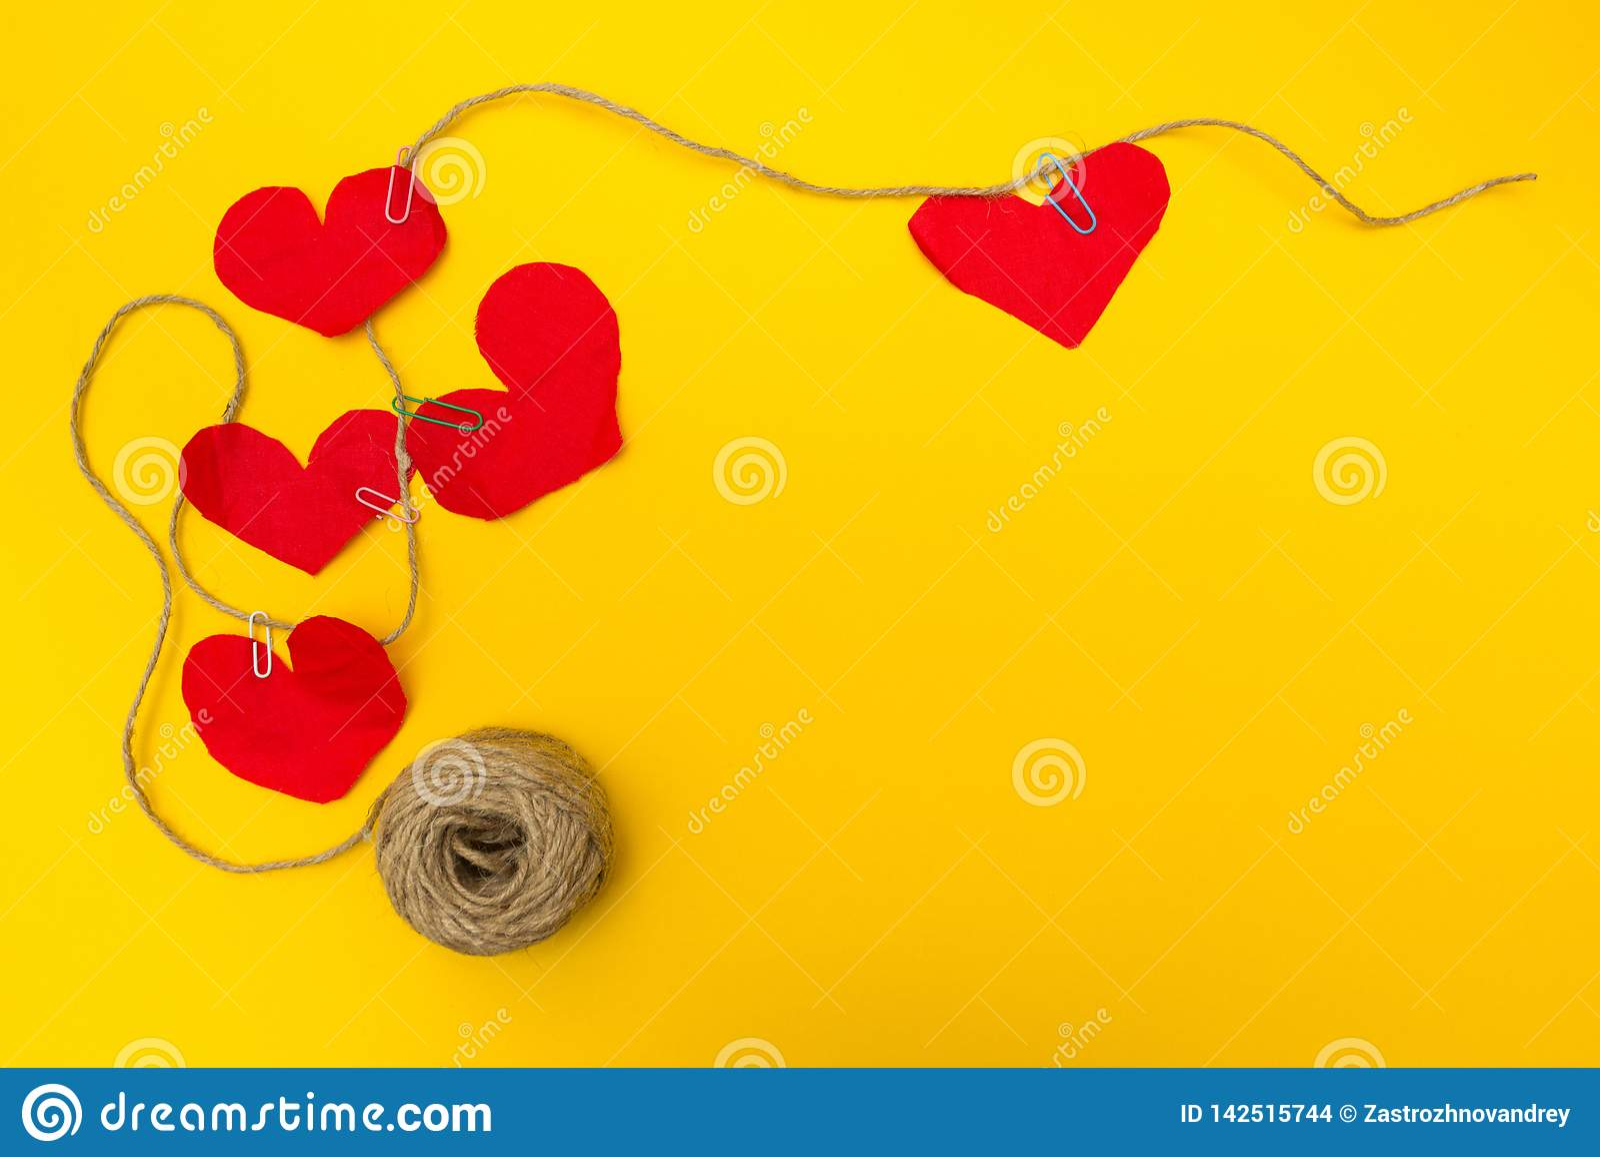 Una corda fatta a mano di cinque cuori rossi, fondo giallo Composizione piana